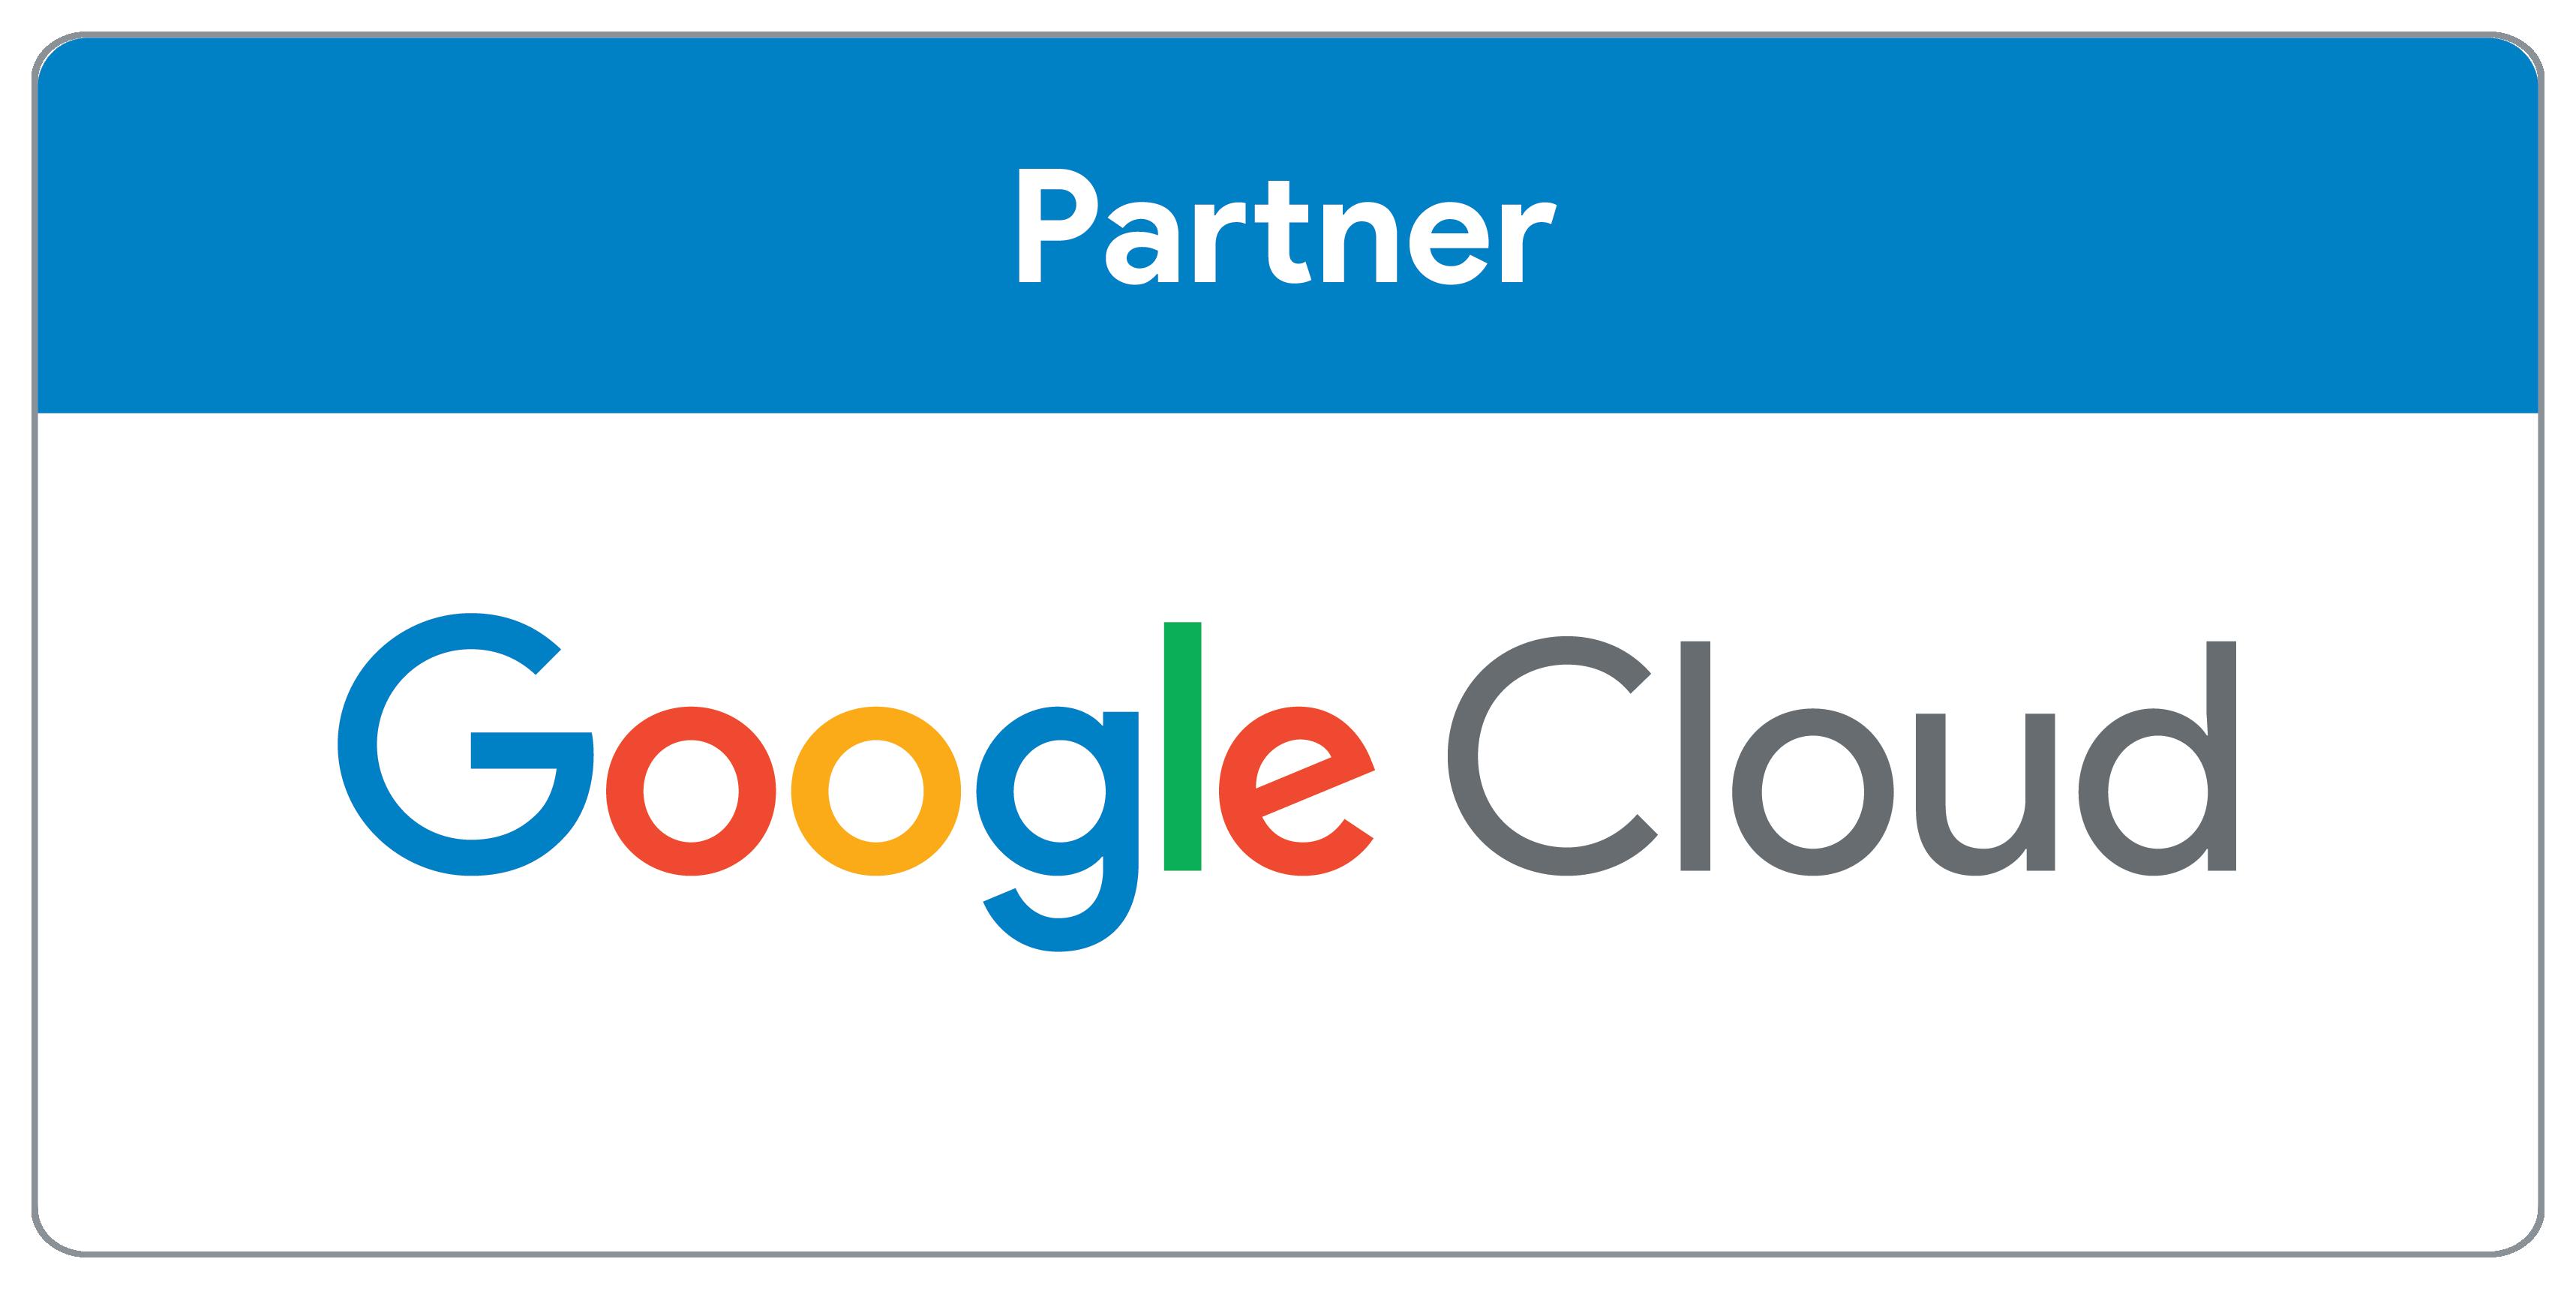 DQ&A Google Cloud Partner